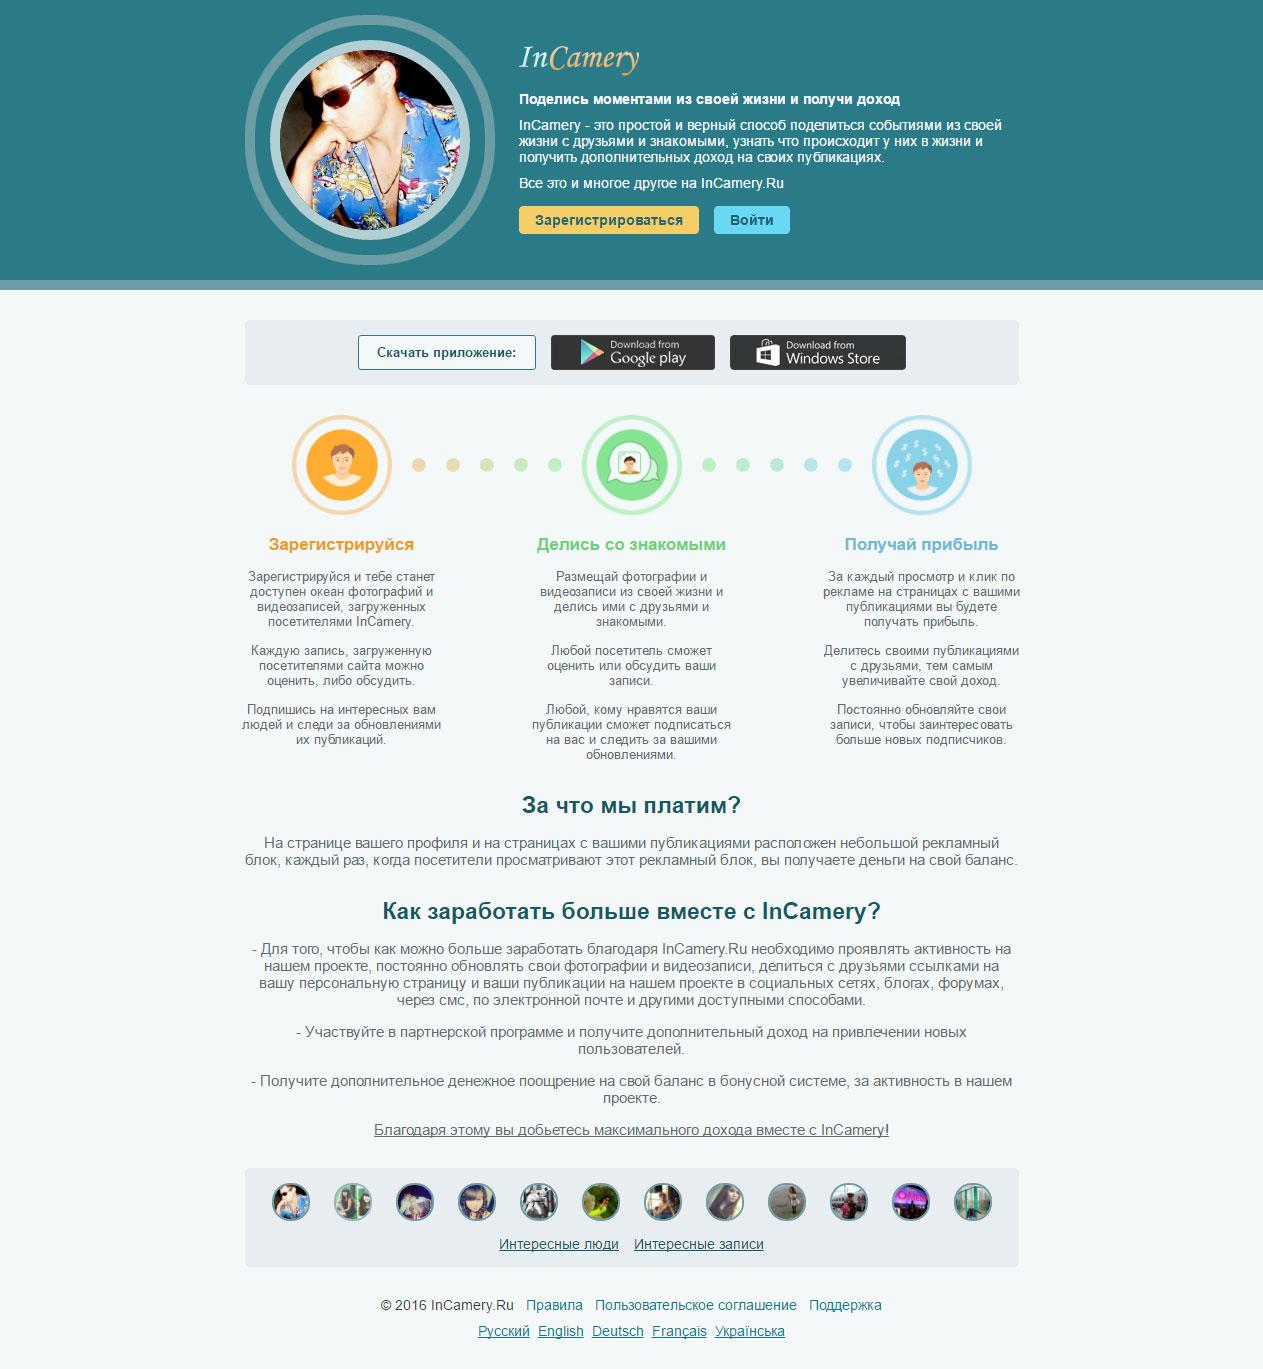 Дизайн InCamery (Макет и HTML+CSS верстка) купить